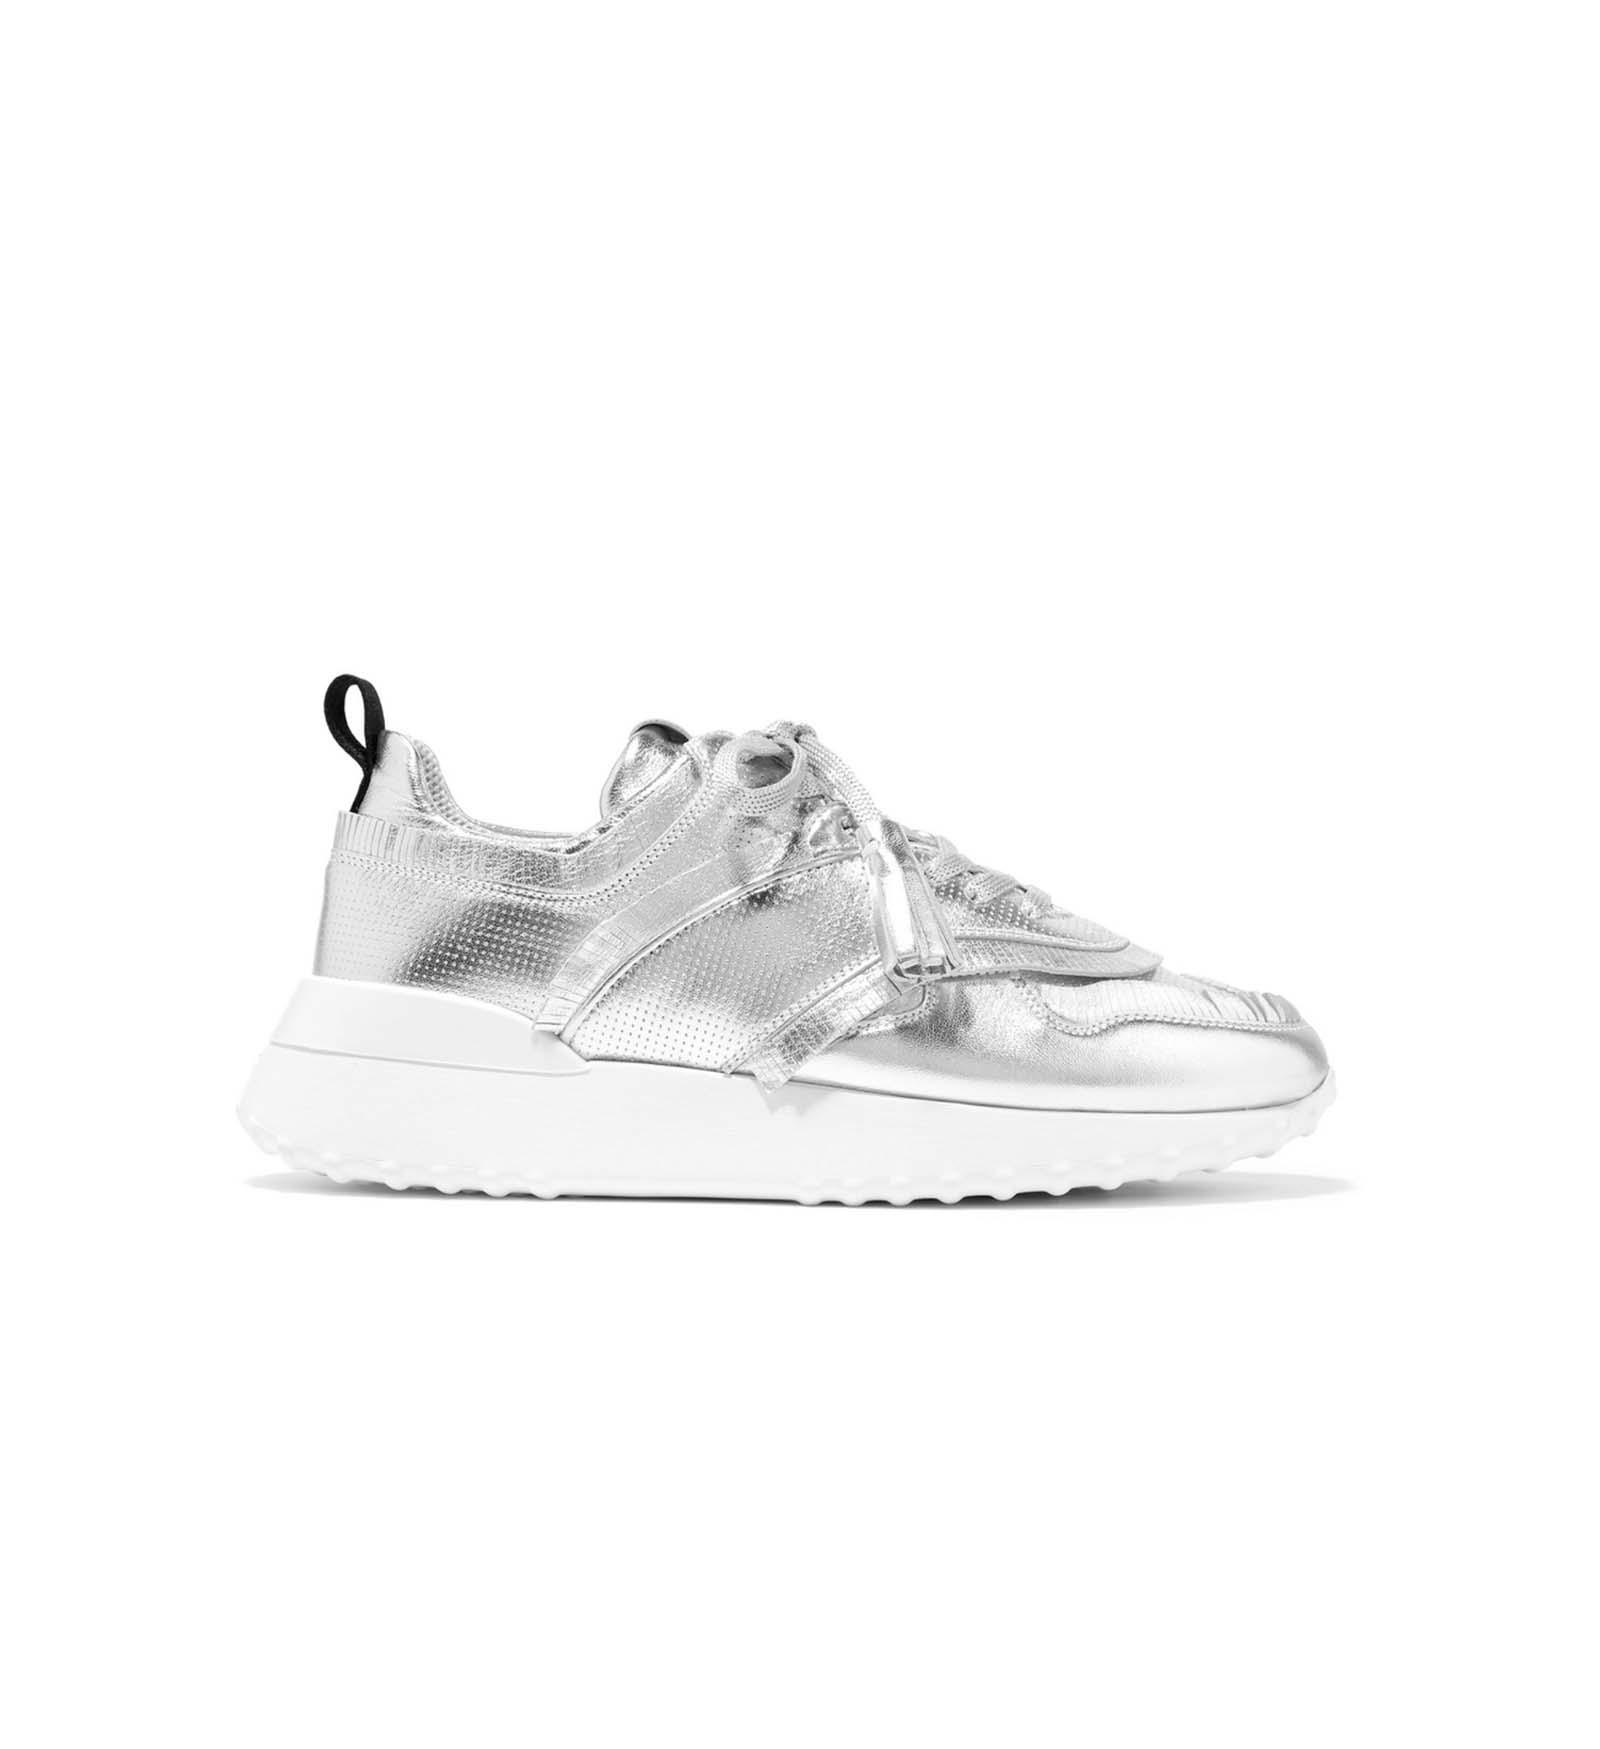 26.03.2018 Trend_Sneaker_NewsCred_1160x1740_4.jpg